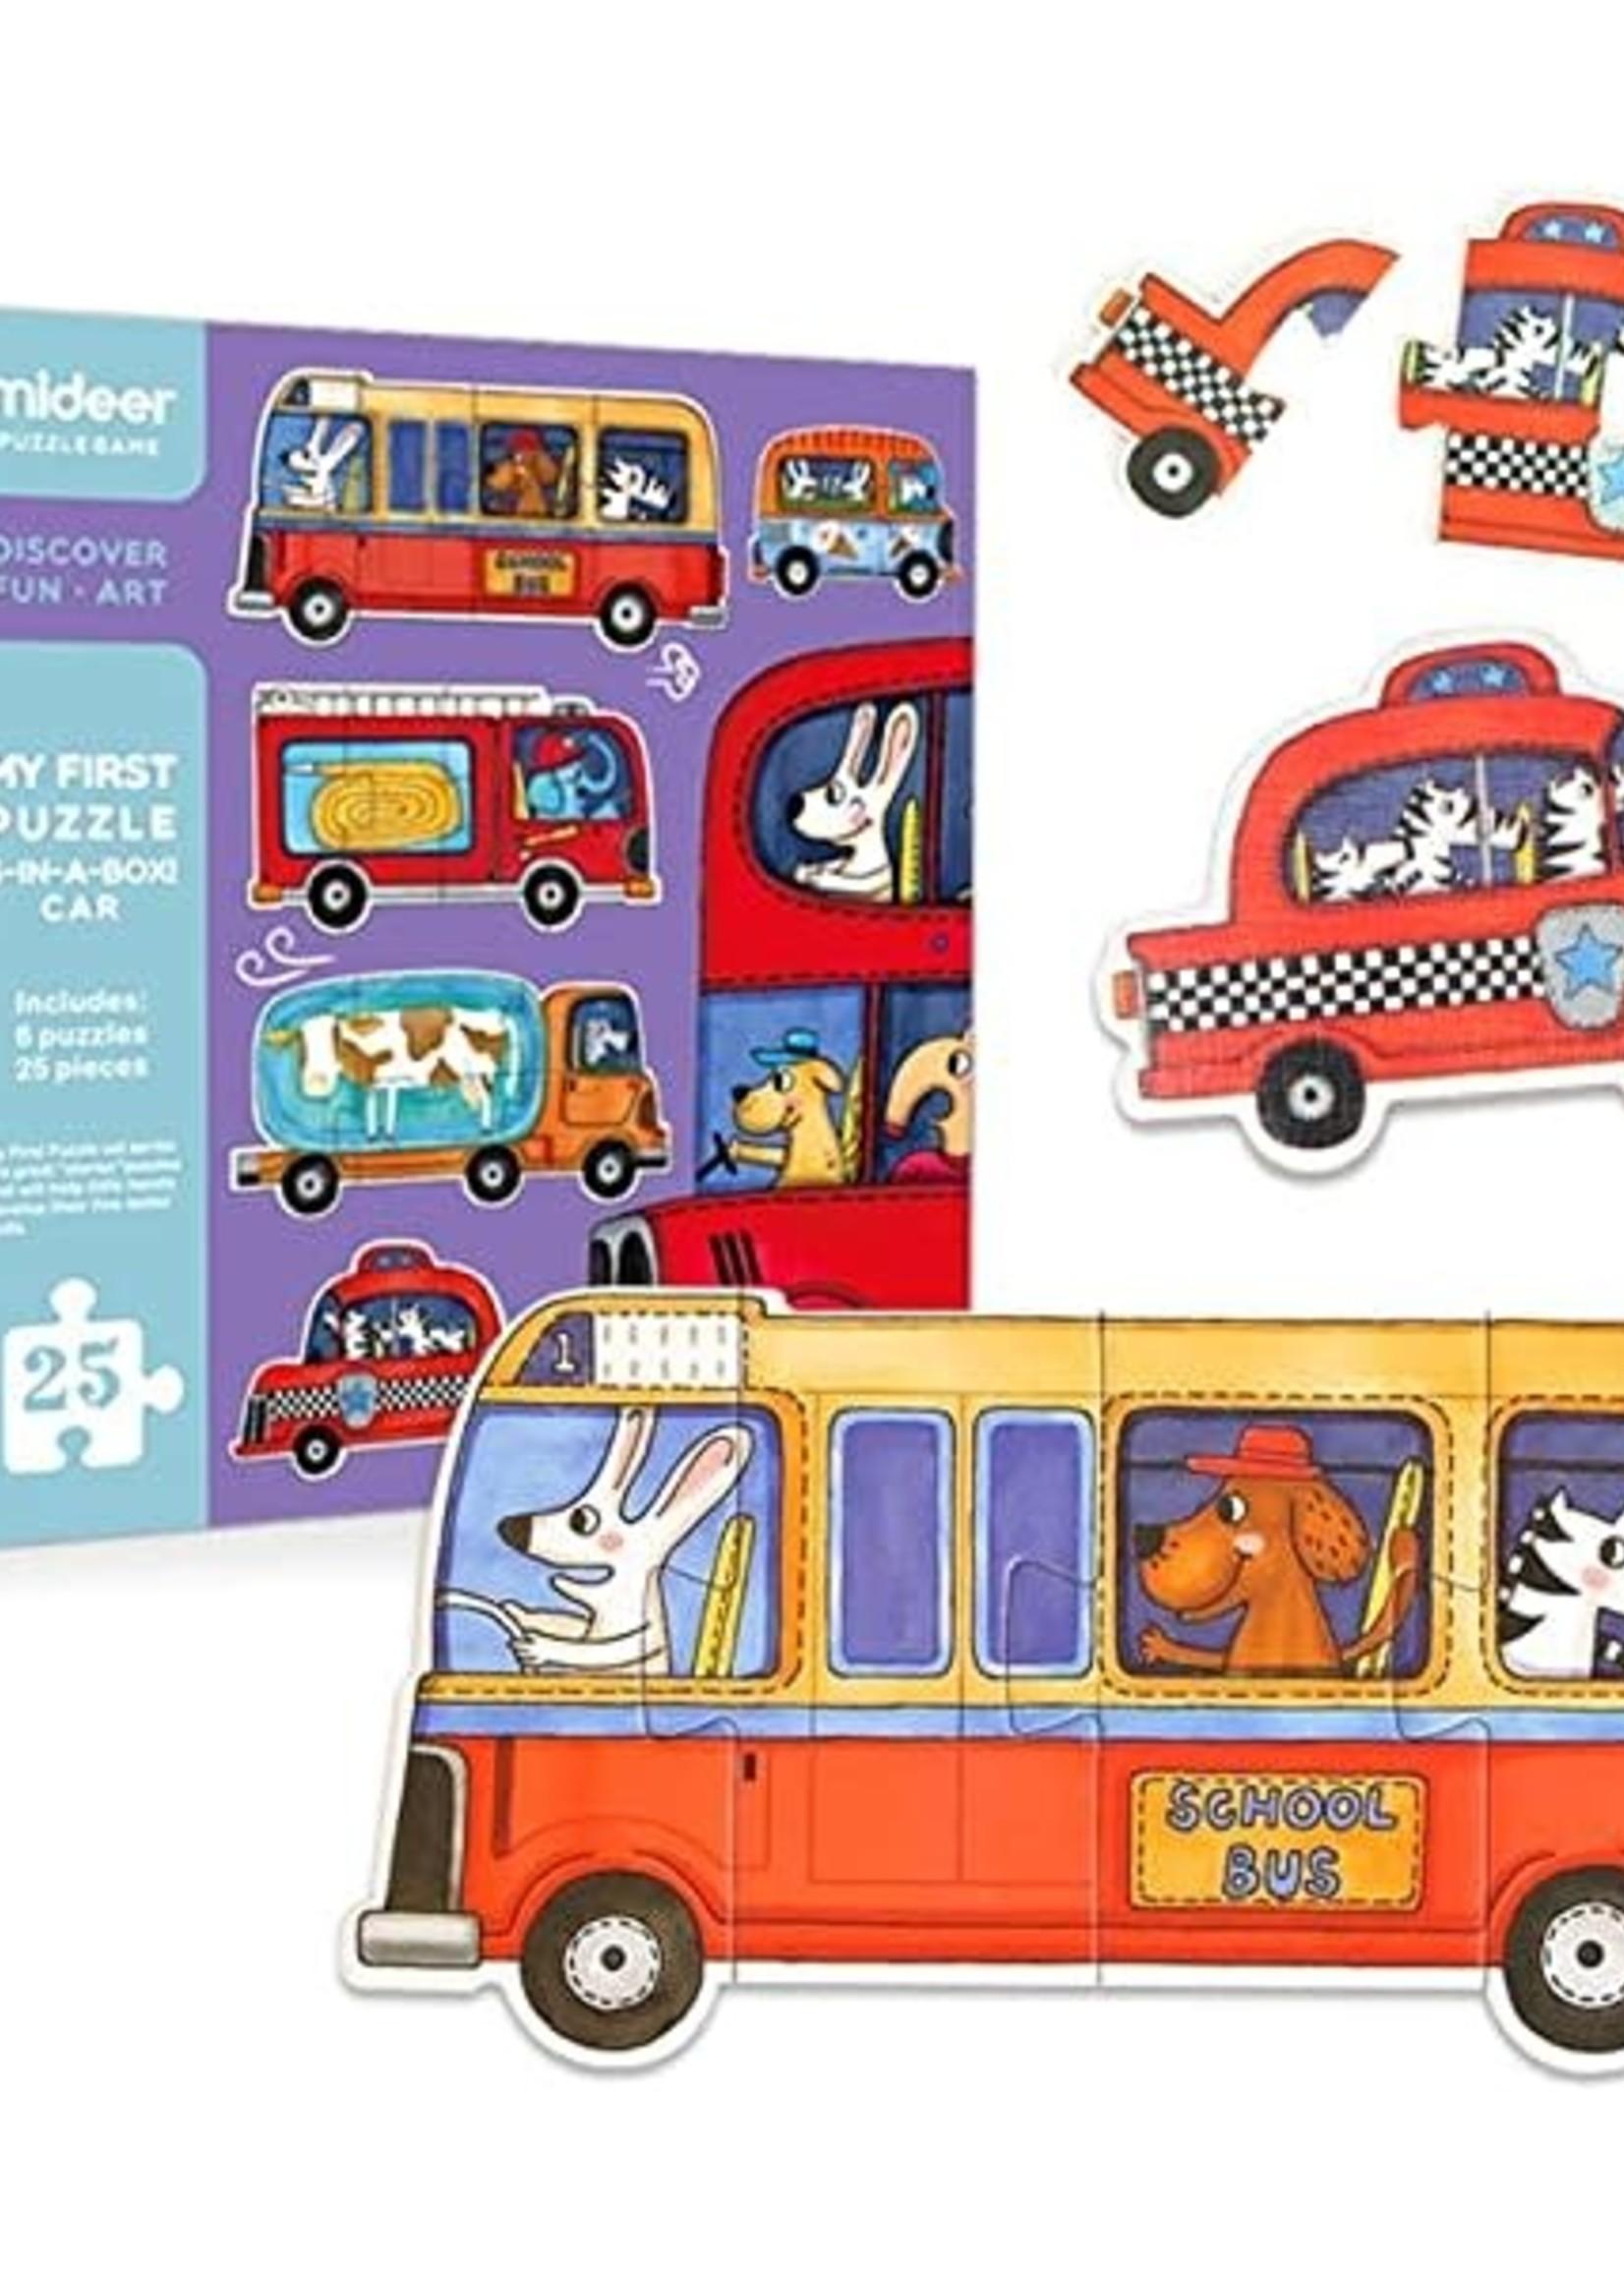 Mideer Mideer First Puzzle 6pk (Cars)